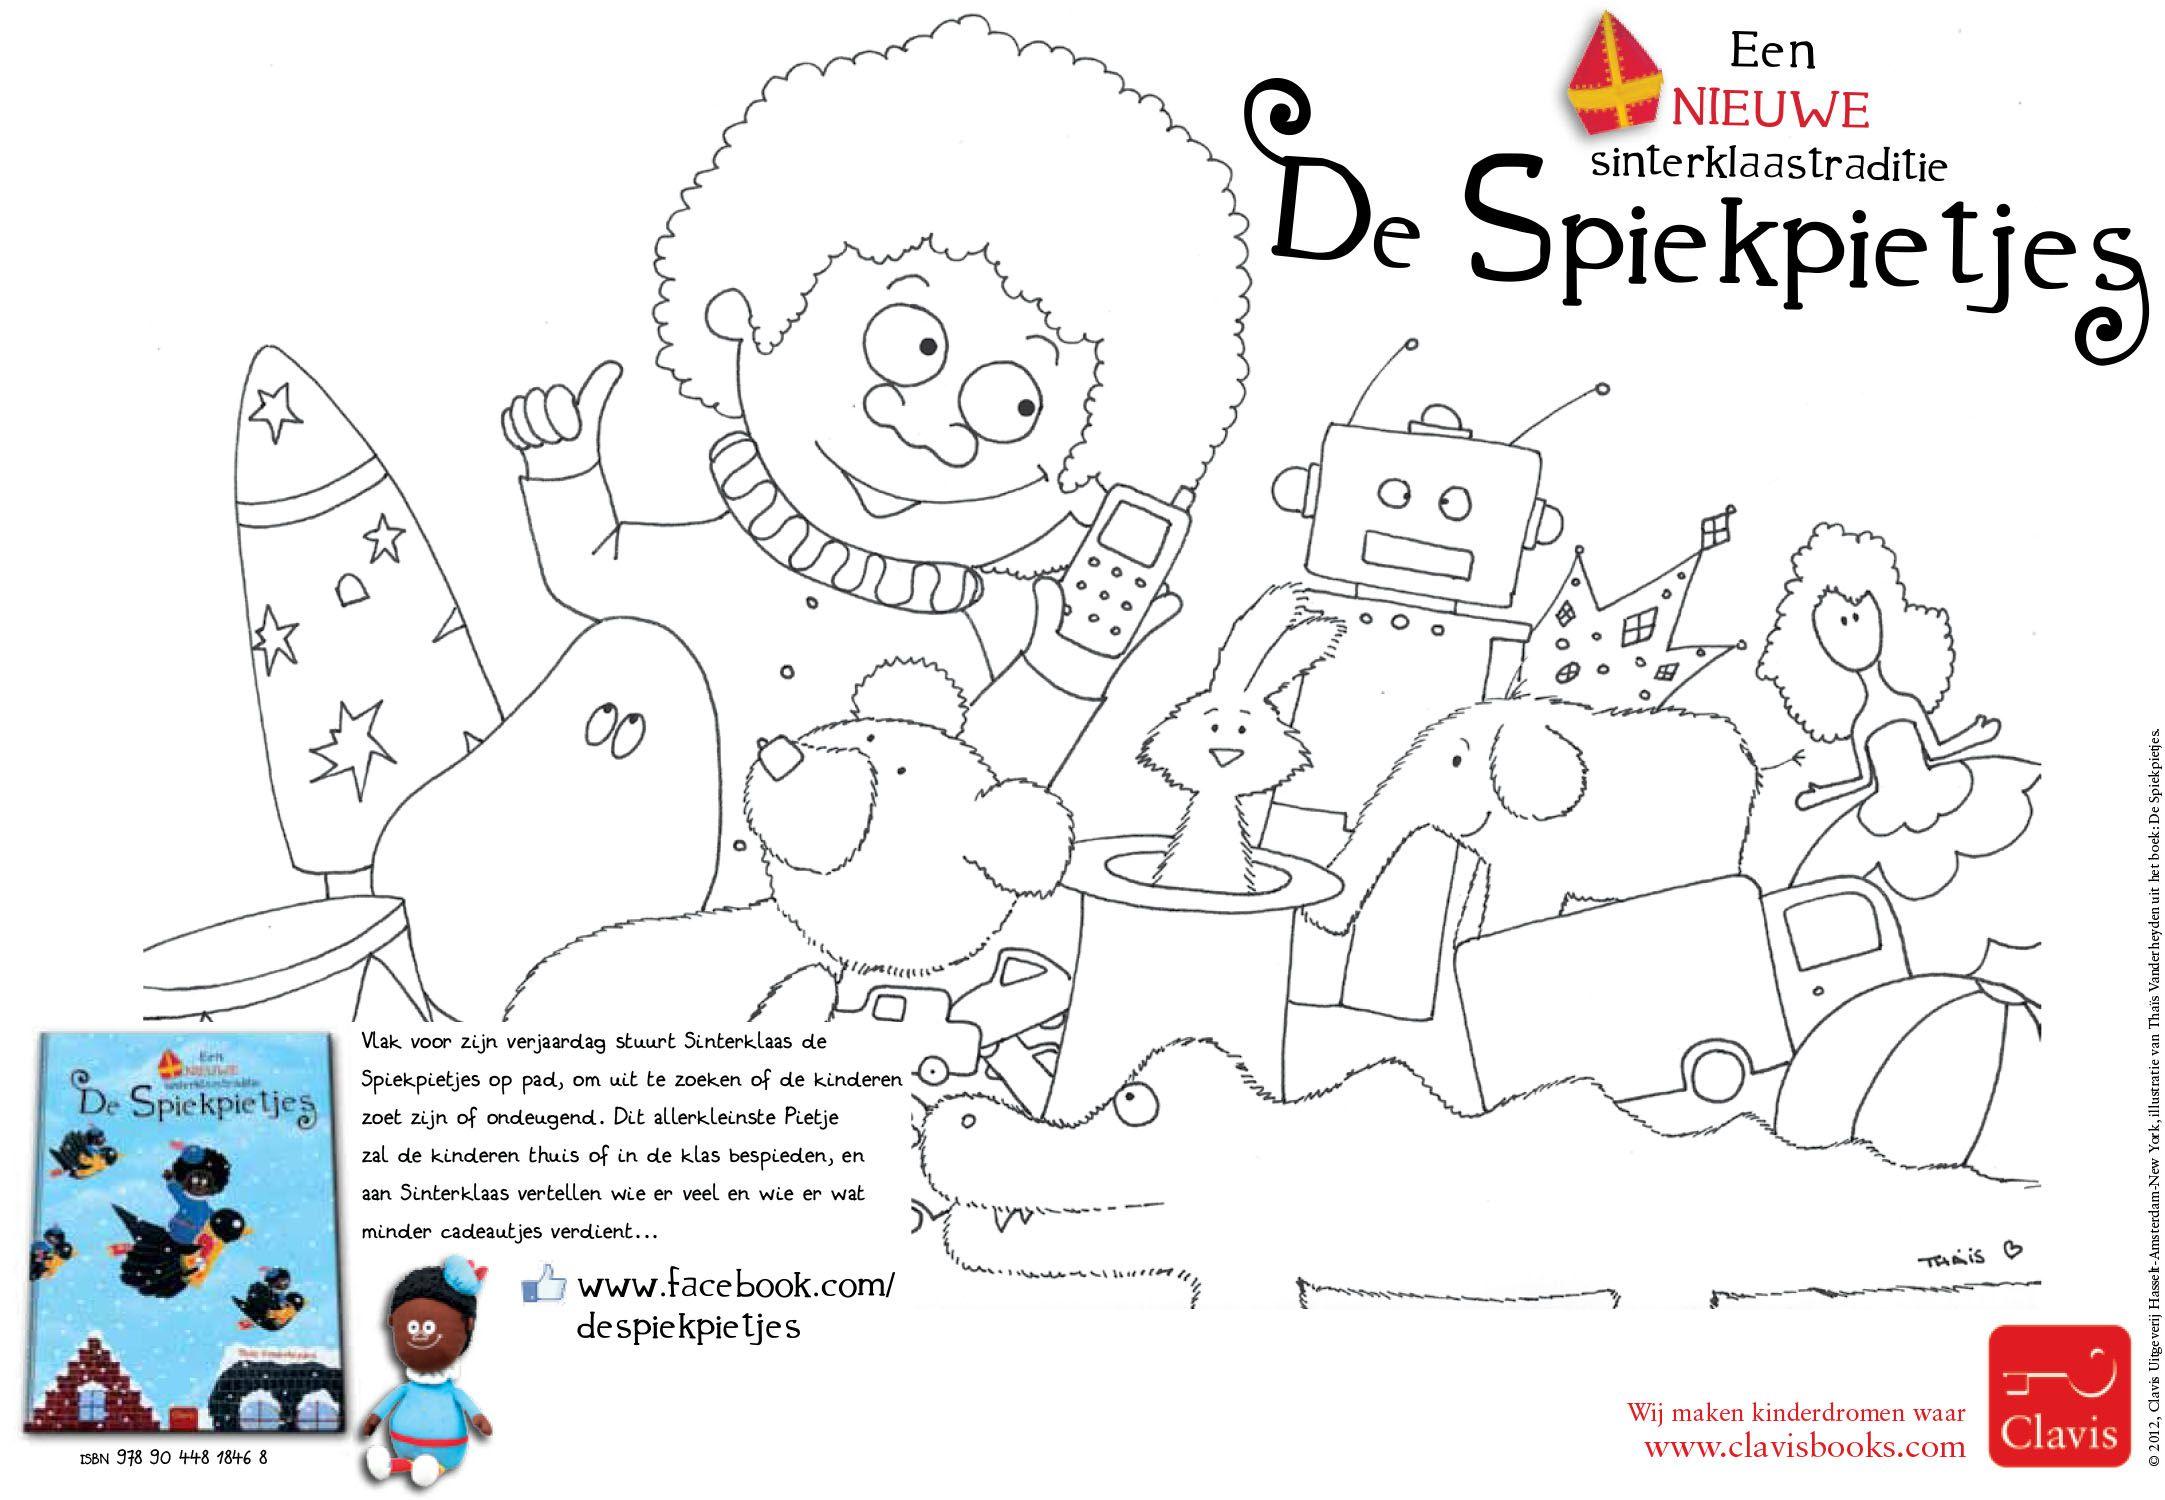 Kleurplaat Van De Spiekpietjes Sinterklaas Boek Van Clavis Http Clavisbooks Com Book De Spiekpietjes Een Nieuwe Sinterklaast Sinterklaas Kleurplaten Thema